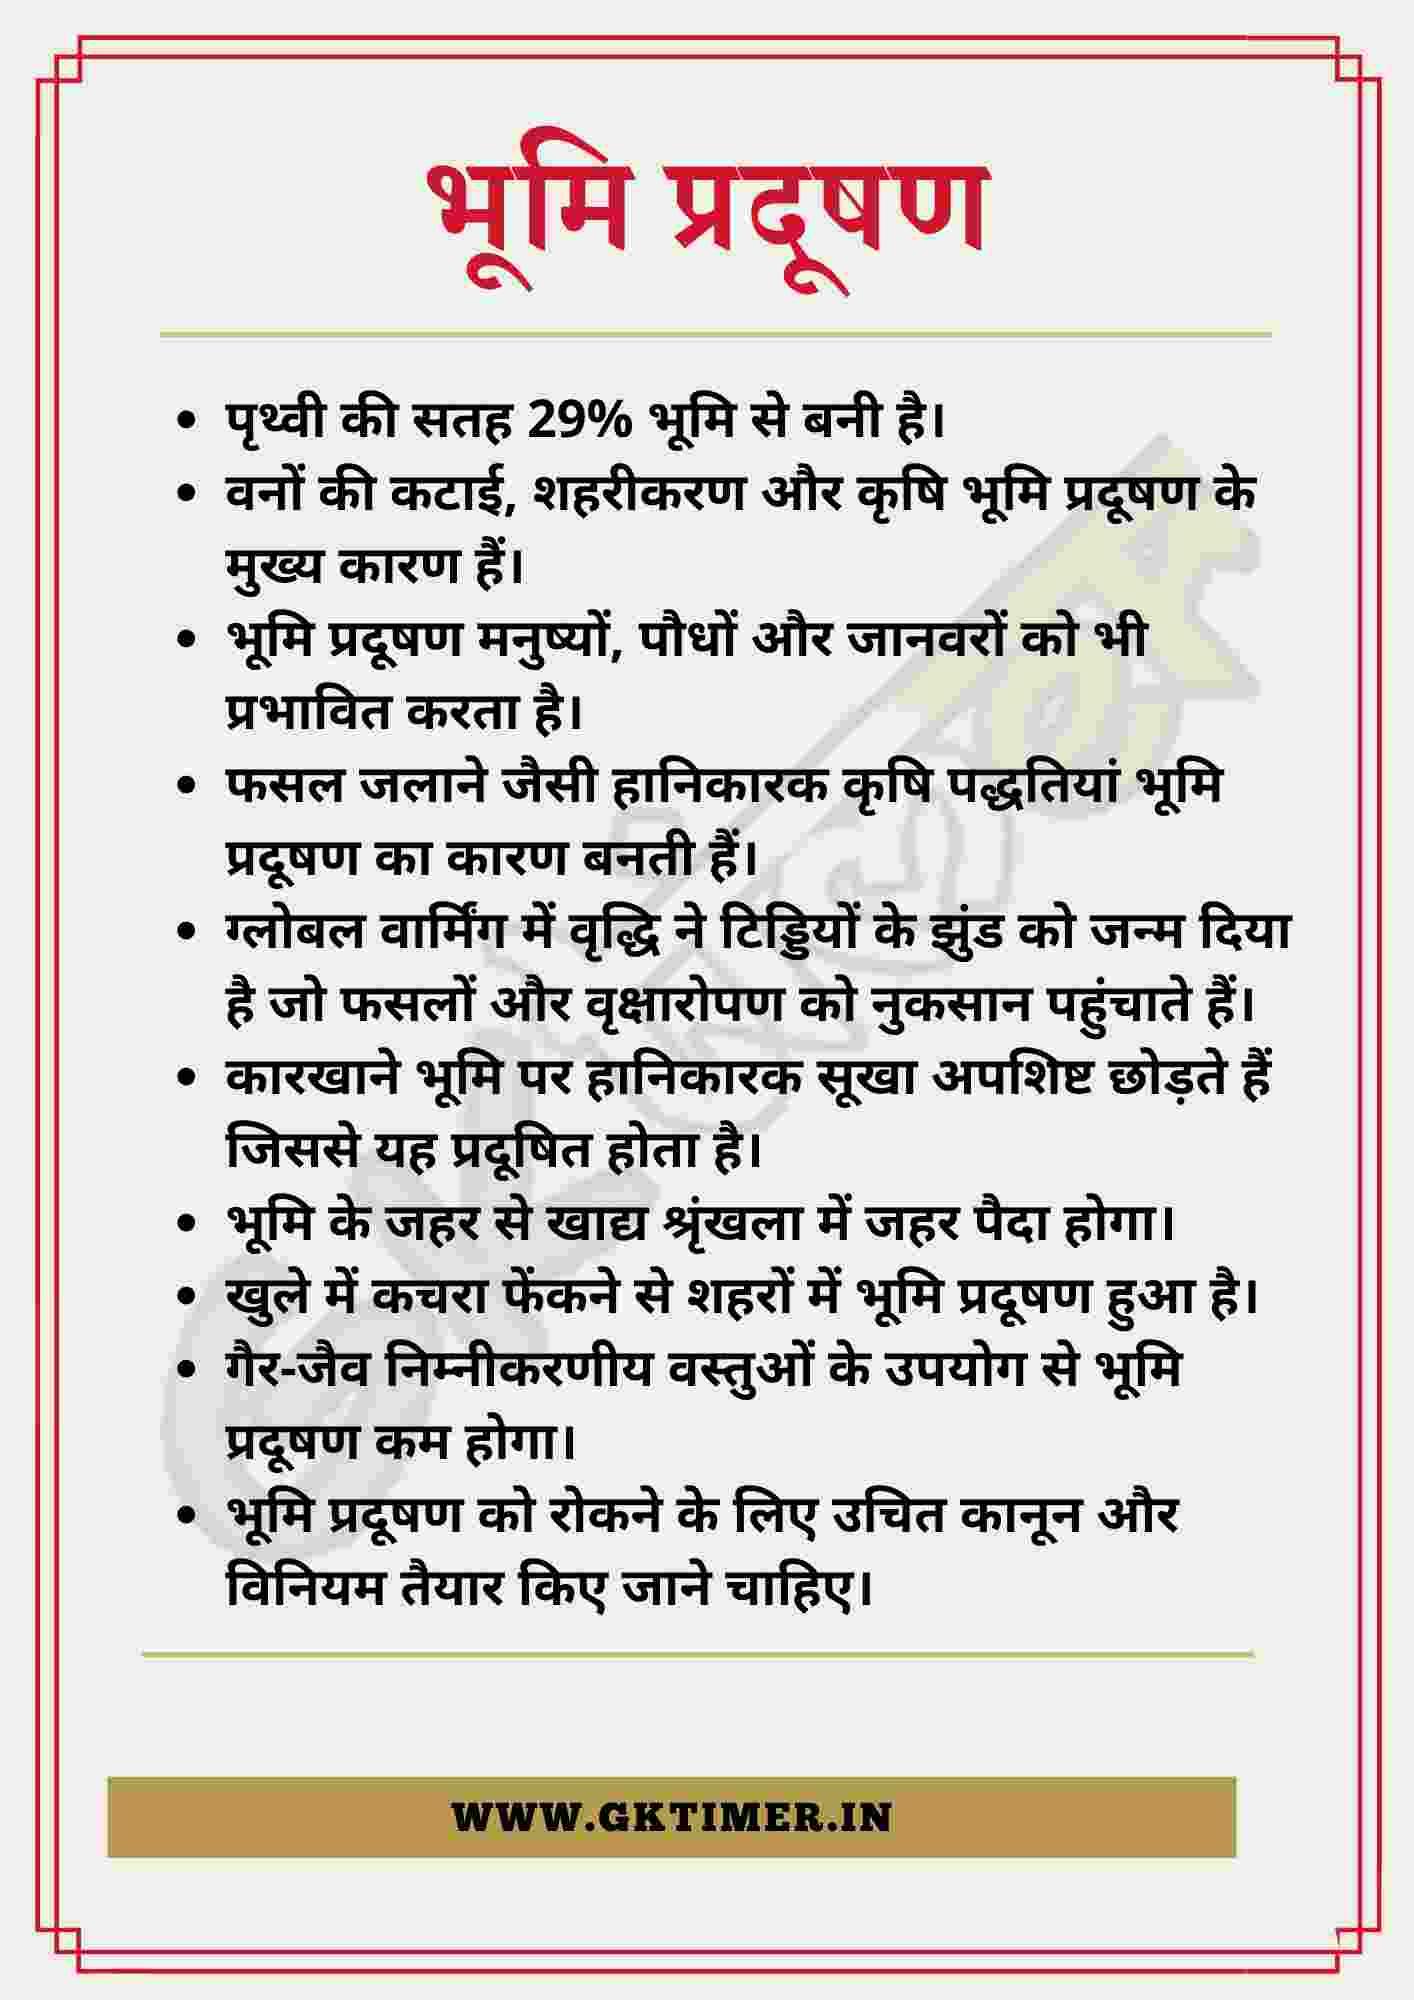 भूमि प्रदूषण पर निबंध    Land Pollution Essay in Hindi   10 Lines on Land Pollution in Hindi